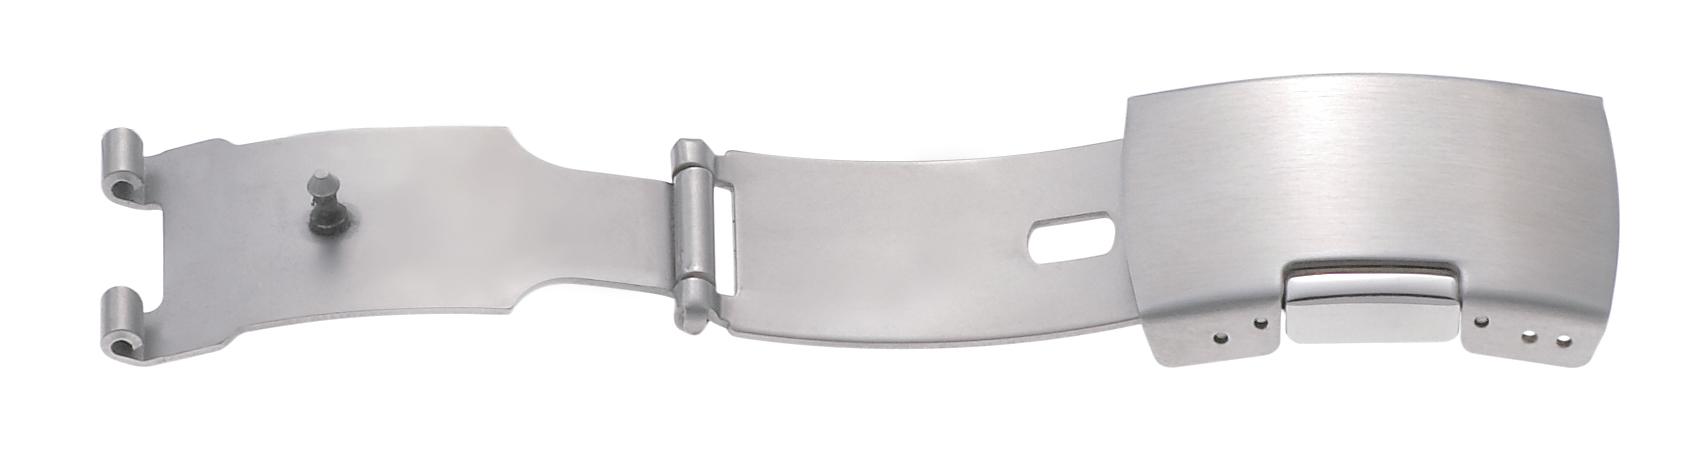 Faltschließe Edelstahl 14mm, Ansatz 7mm Stahl satiniert mit 1 Drücker